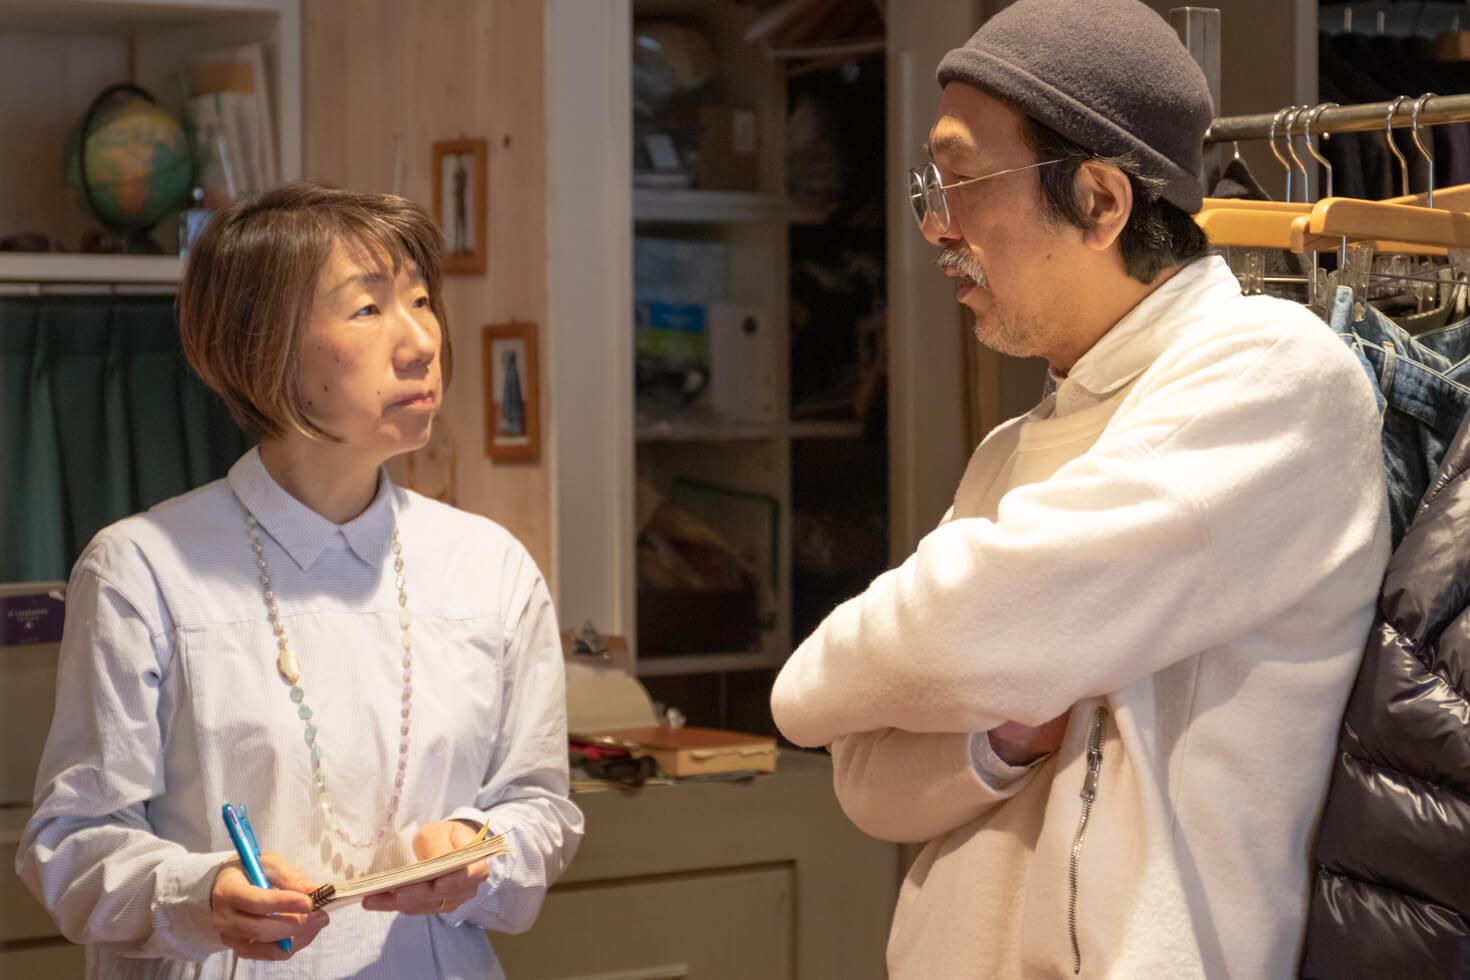 ガッツが浅田さんにインタビューしている写真